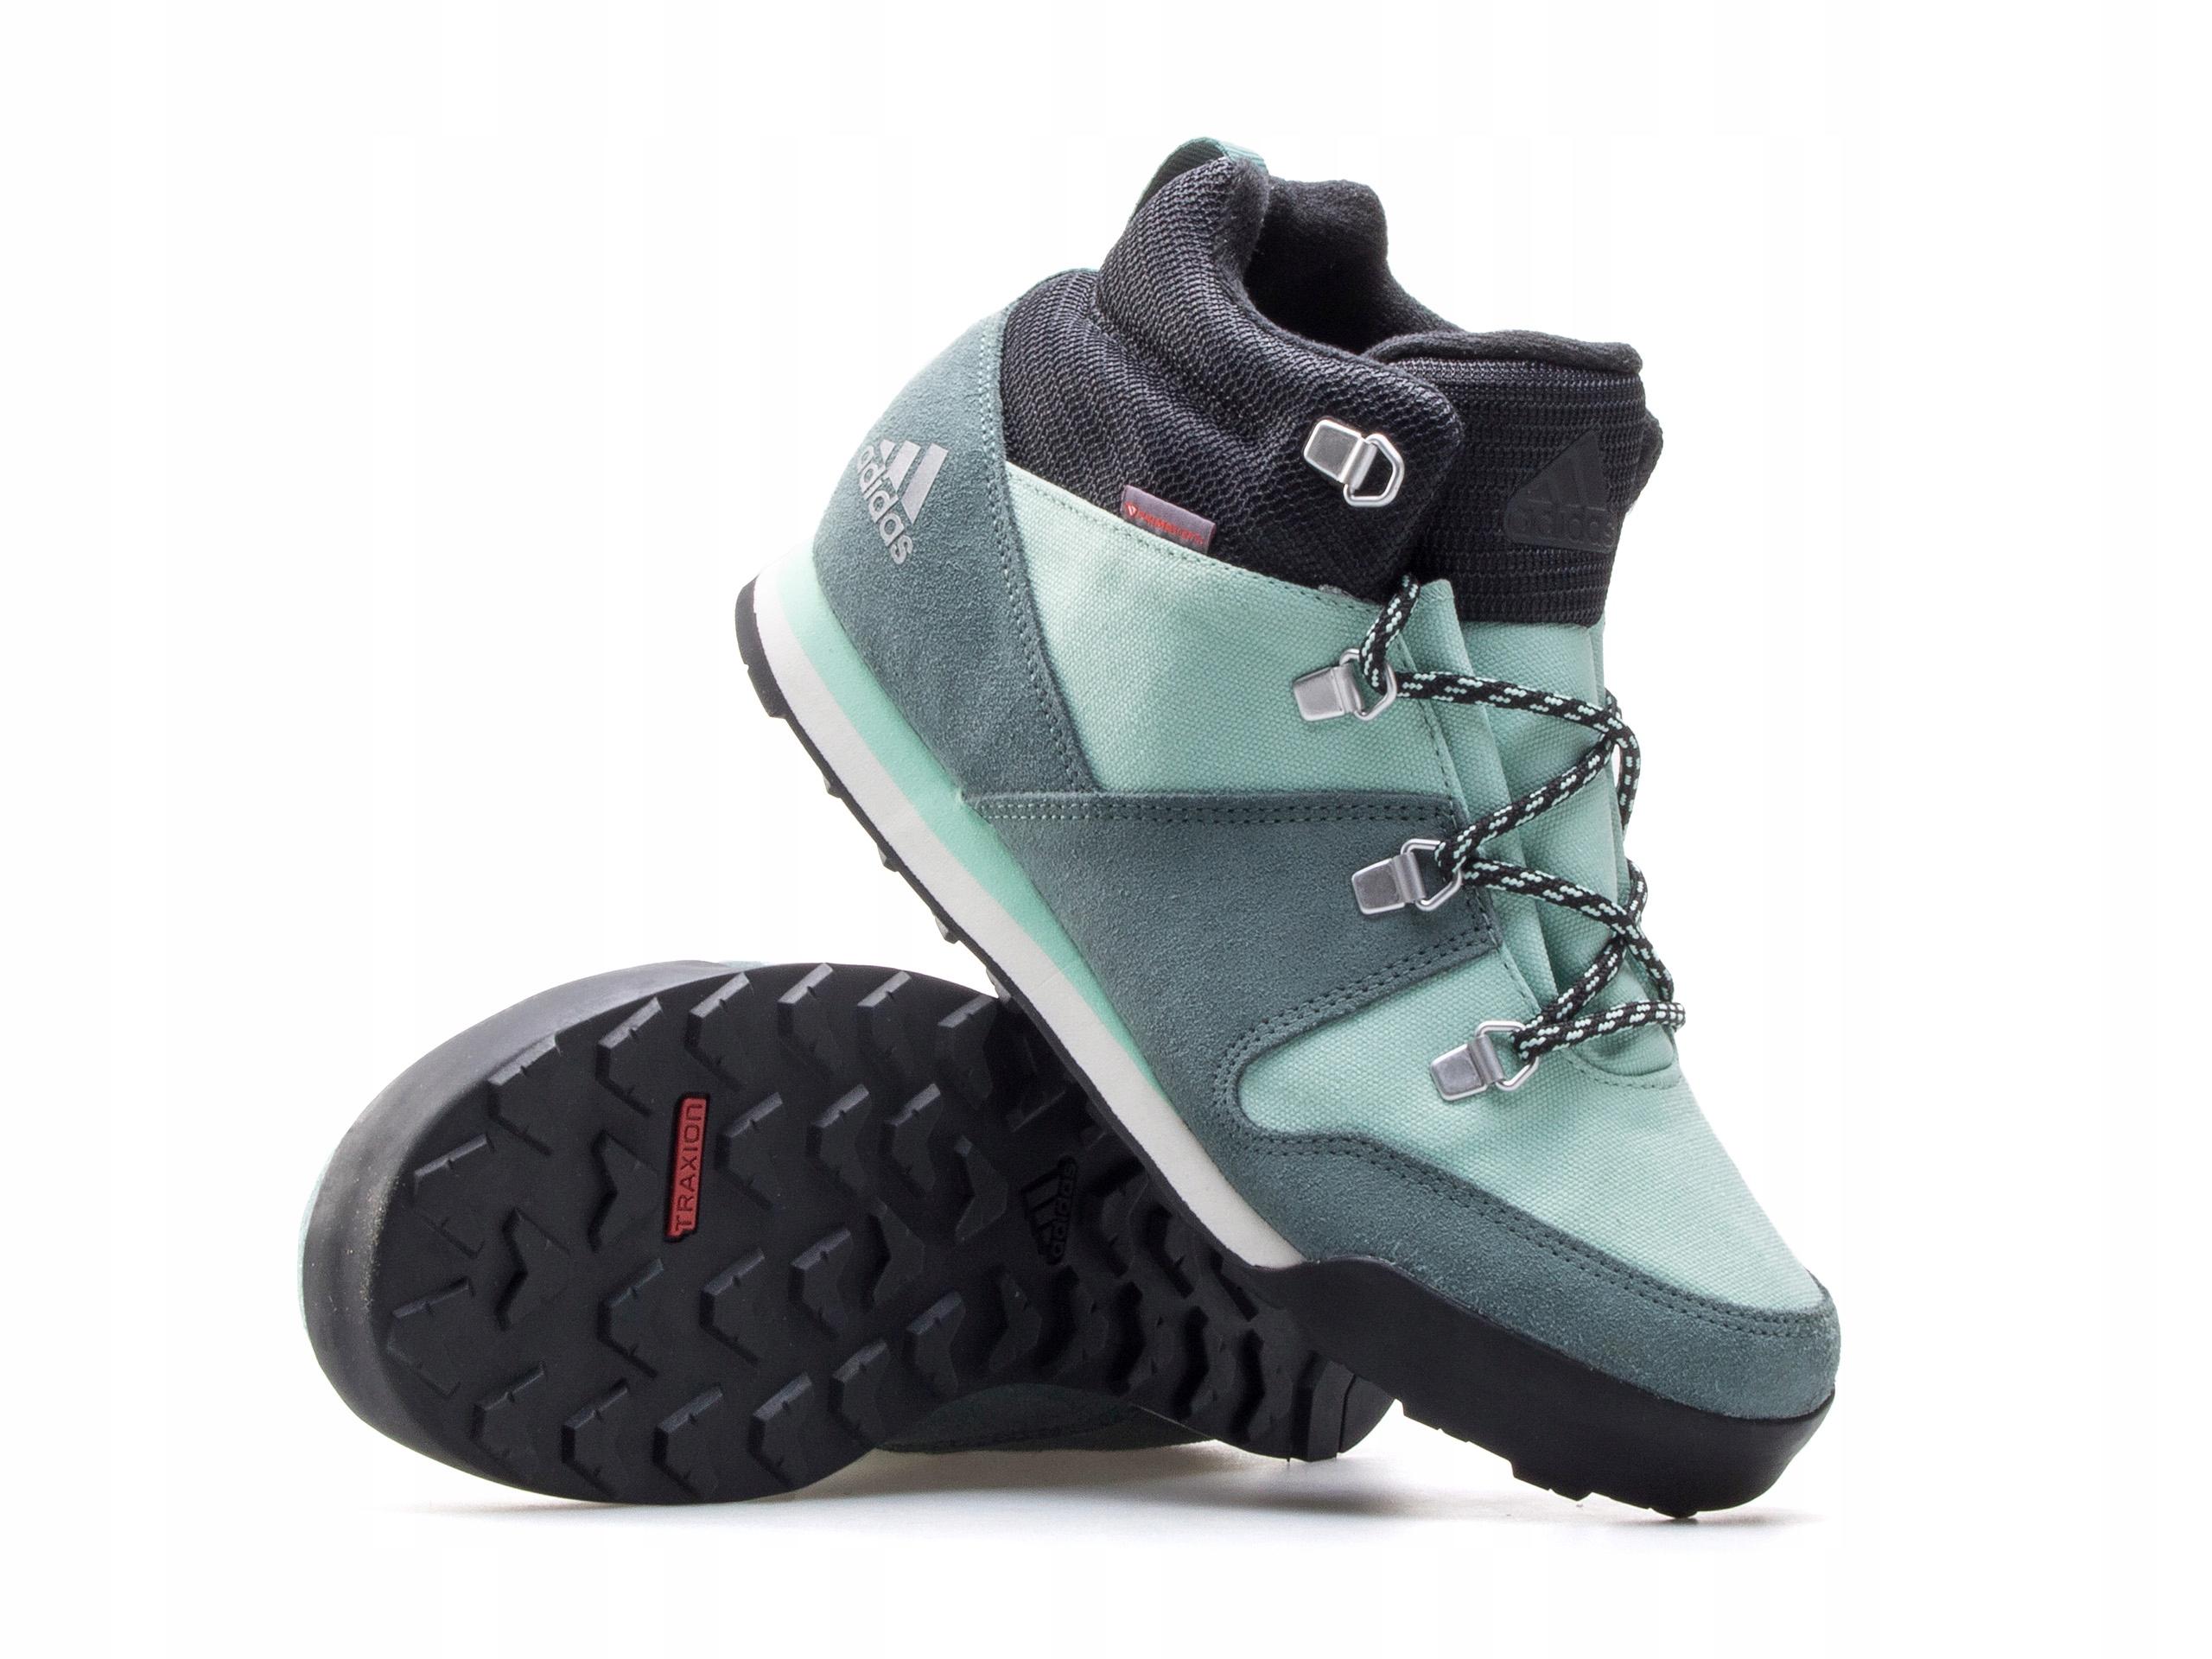 buy online 852bf 5810d zimowe buty adidas w Oficjalnym Archiwum Allegro - Strona 4 - archiwum ofert